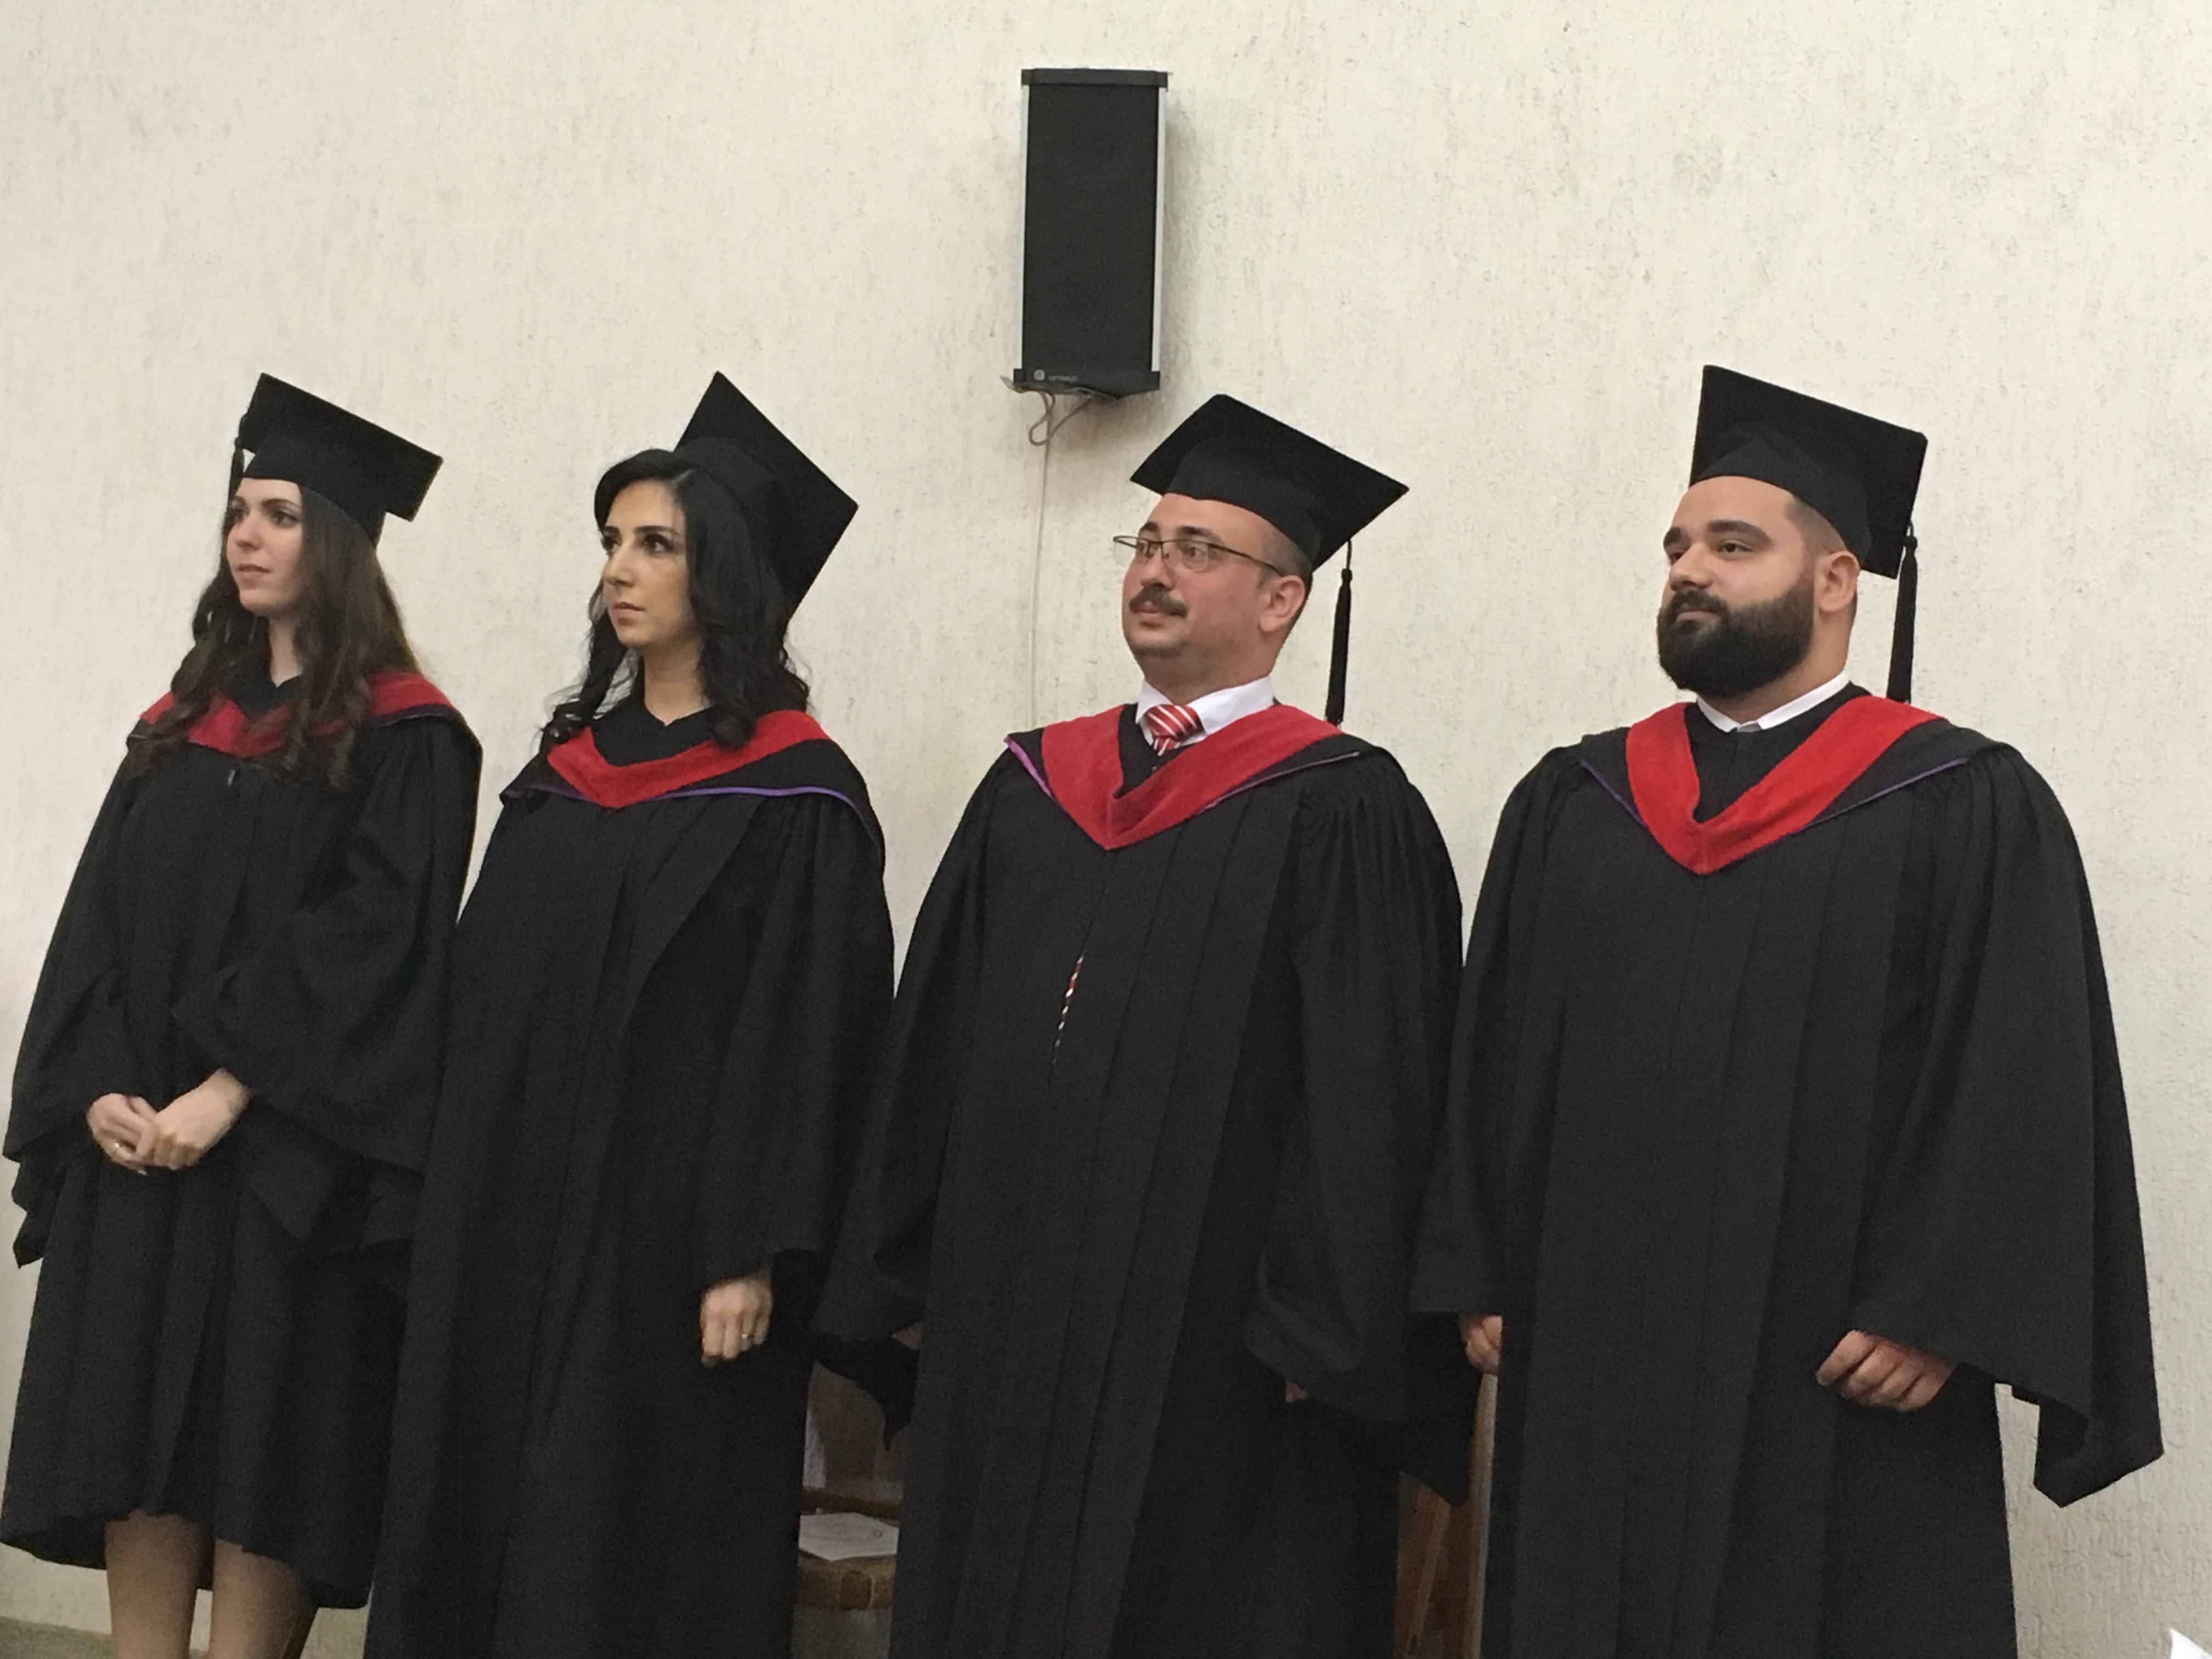 NEST's graduating class from left to right: Rose Widad Mounir Kabbas, Vana Kabrial Tanialiyan, Yousef Adnan Khasho, and Adon Nabih Naaman.